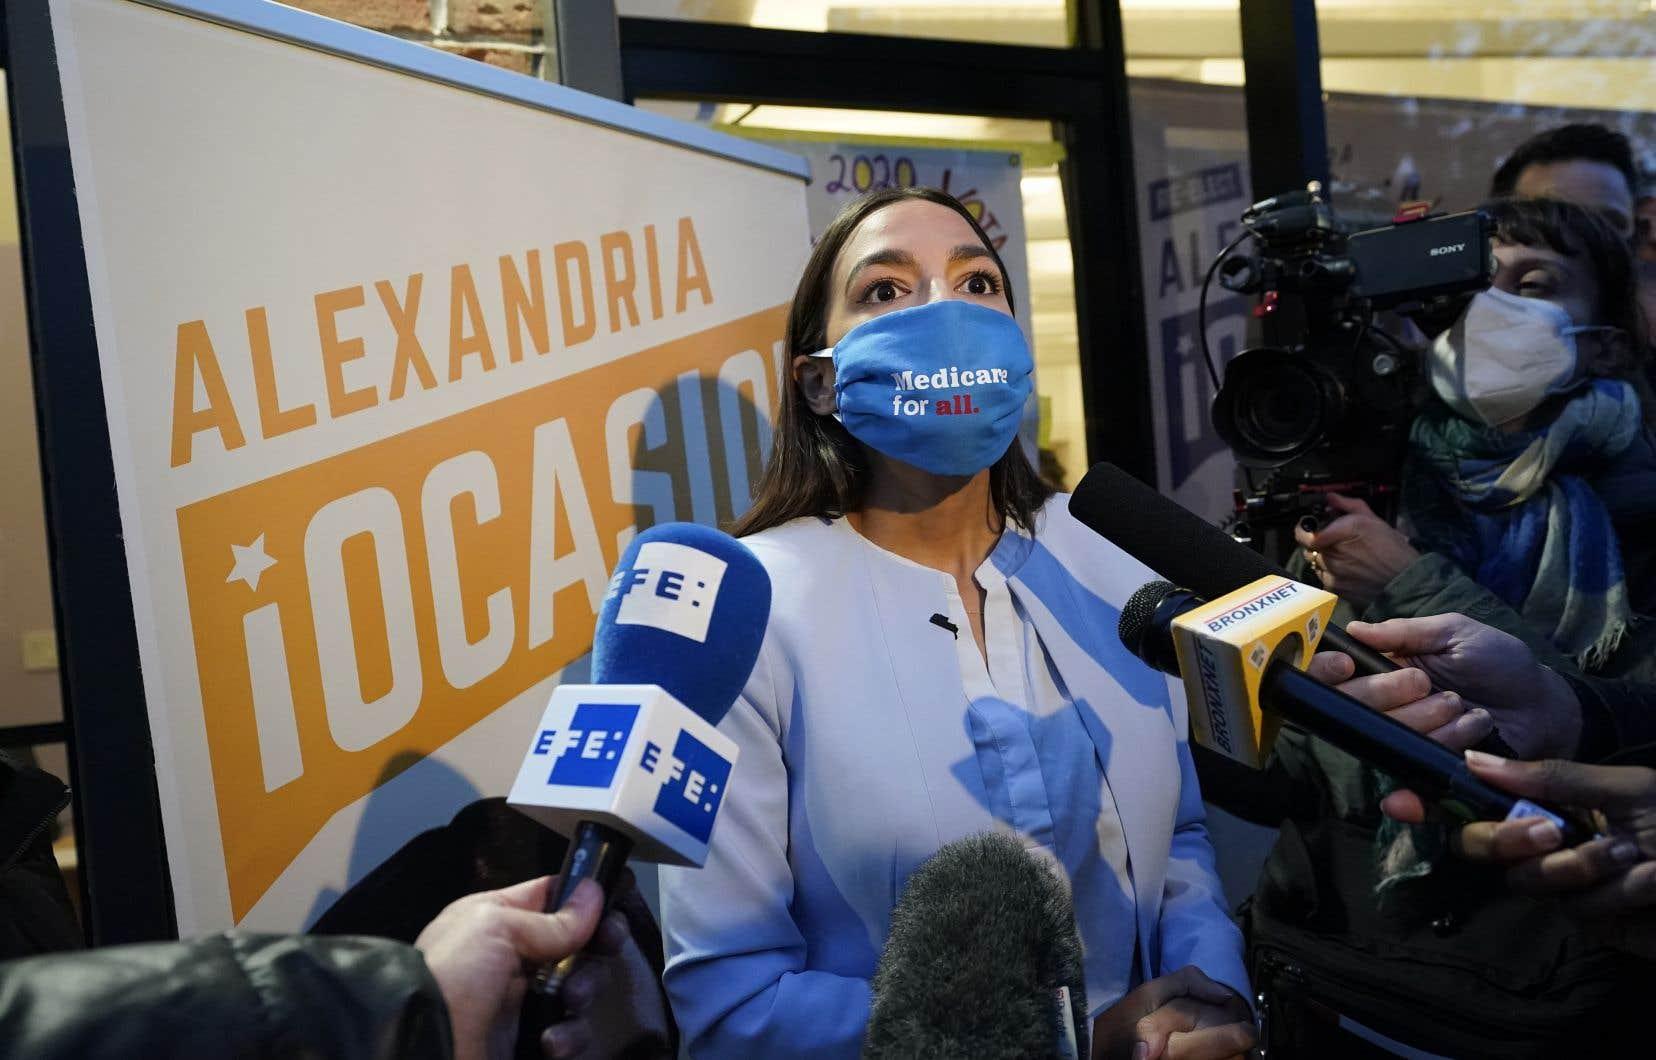 De parents d'origine portoricaine, la démocrate Alexandria Ocasio-Cortez, souvent appelée par ses seules initiales AOC, est devenue la plus jeune parlementaire jamais élue au Congrès américain.